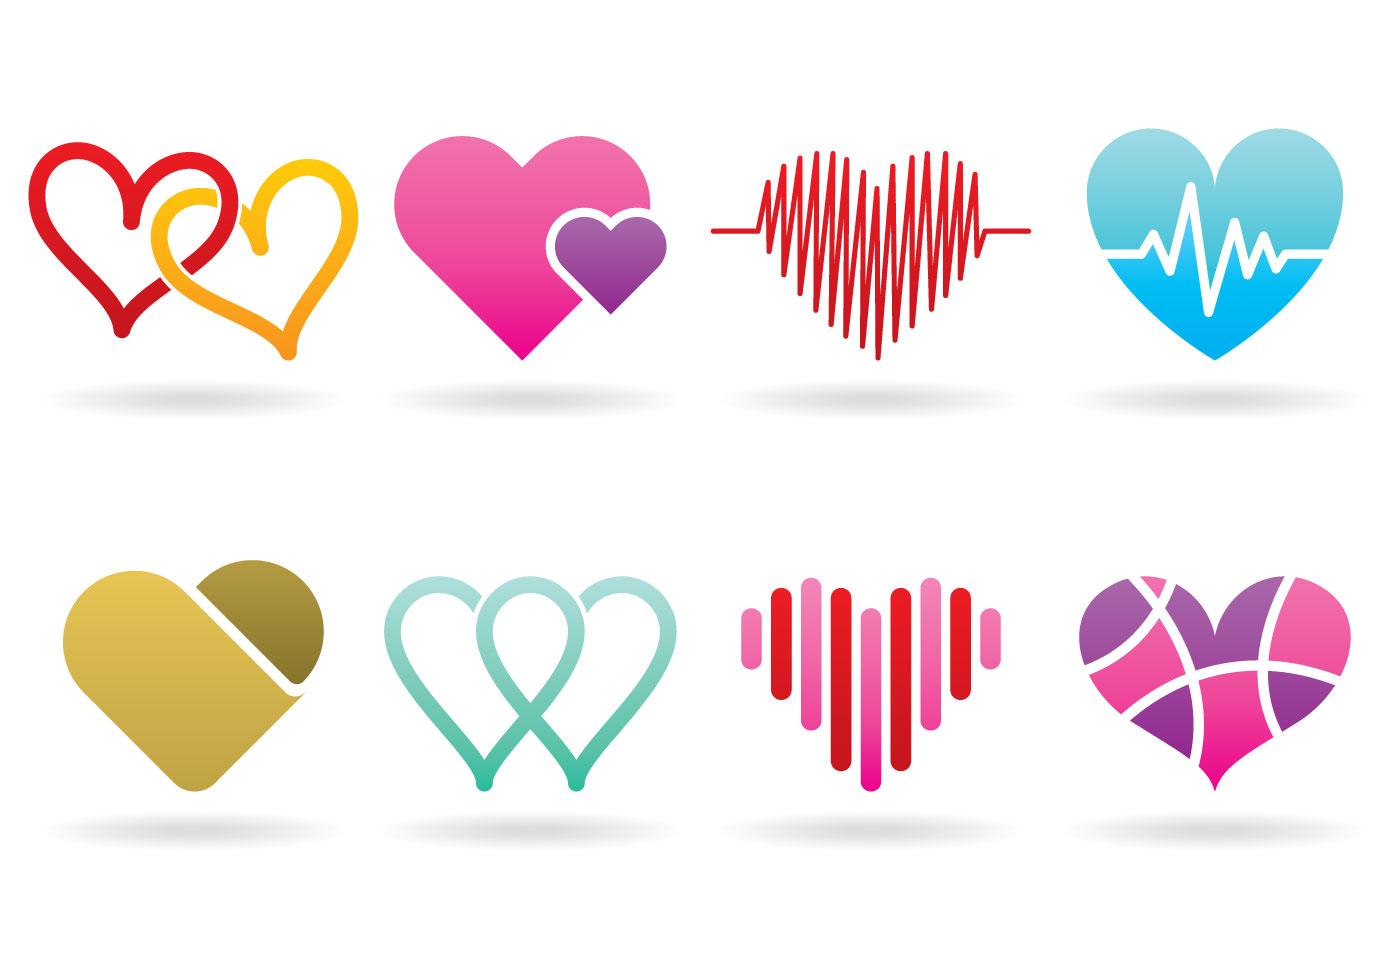 heart logos download free vector art  stock graphics paint roller stroke vector watercolor paint stroke vector